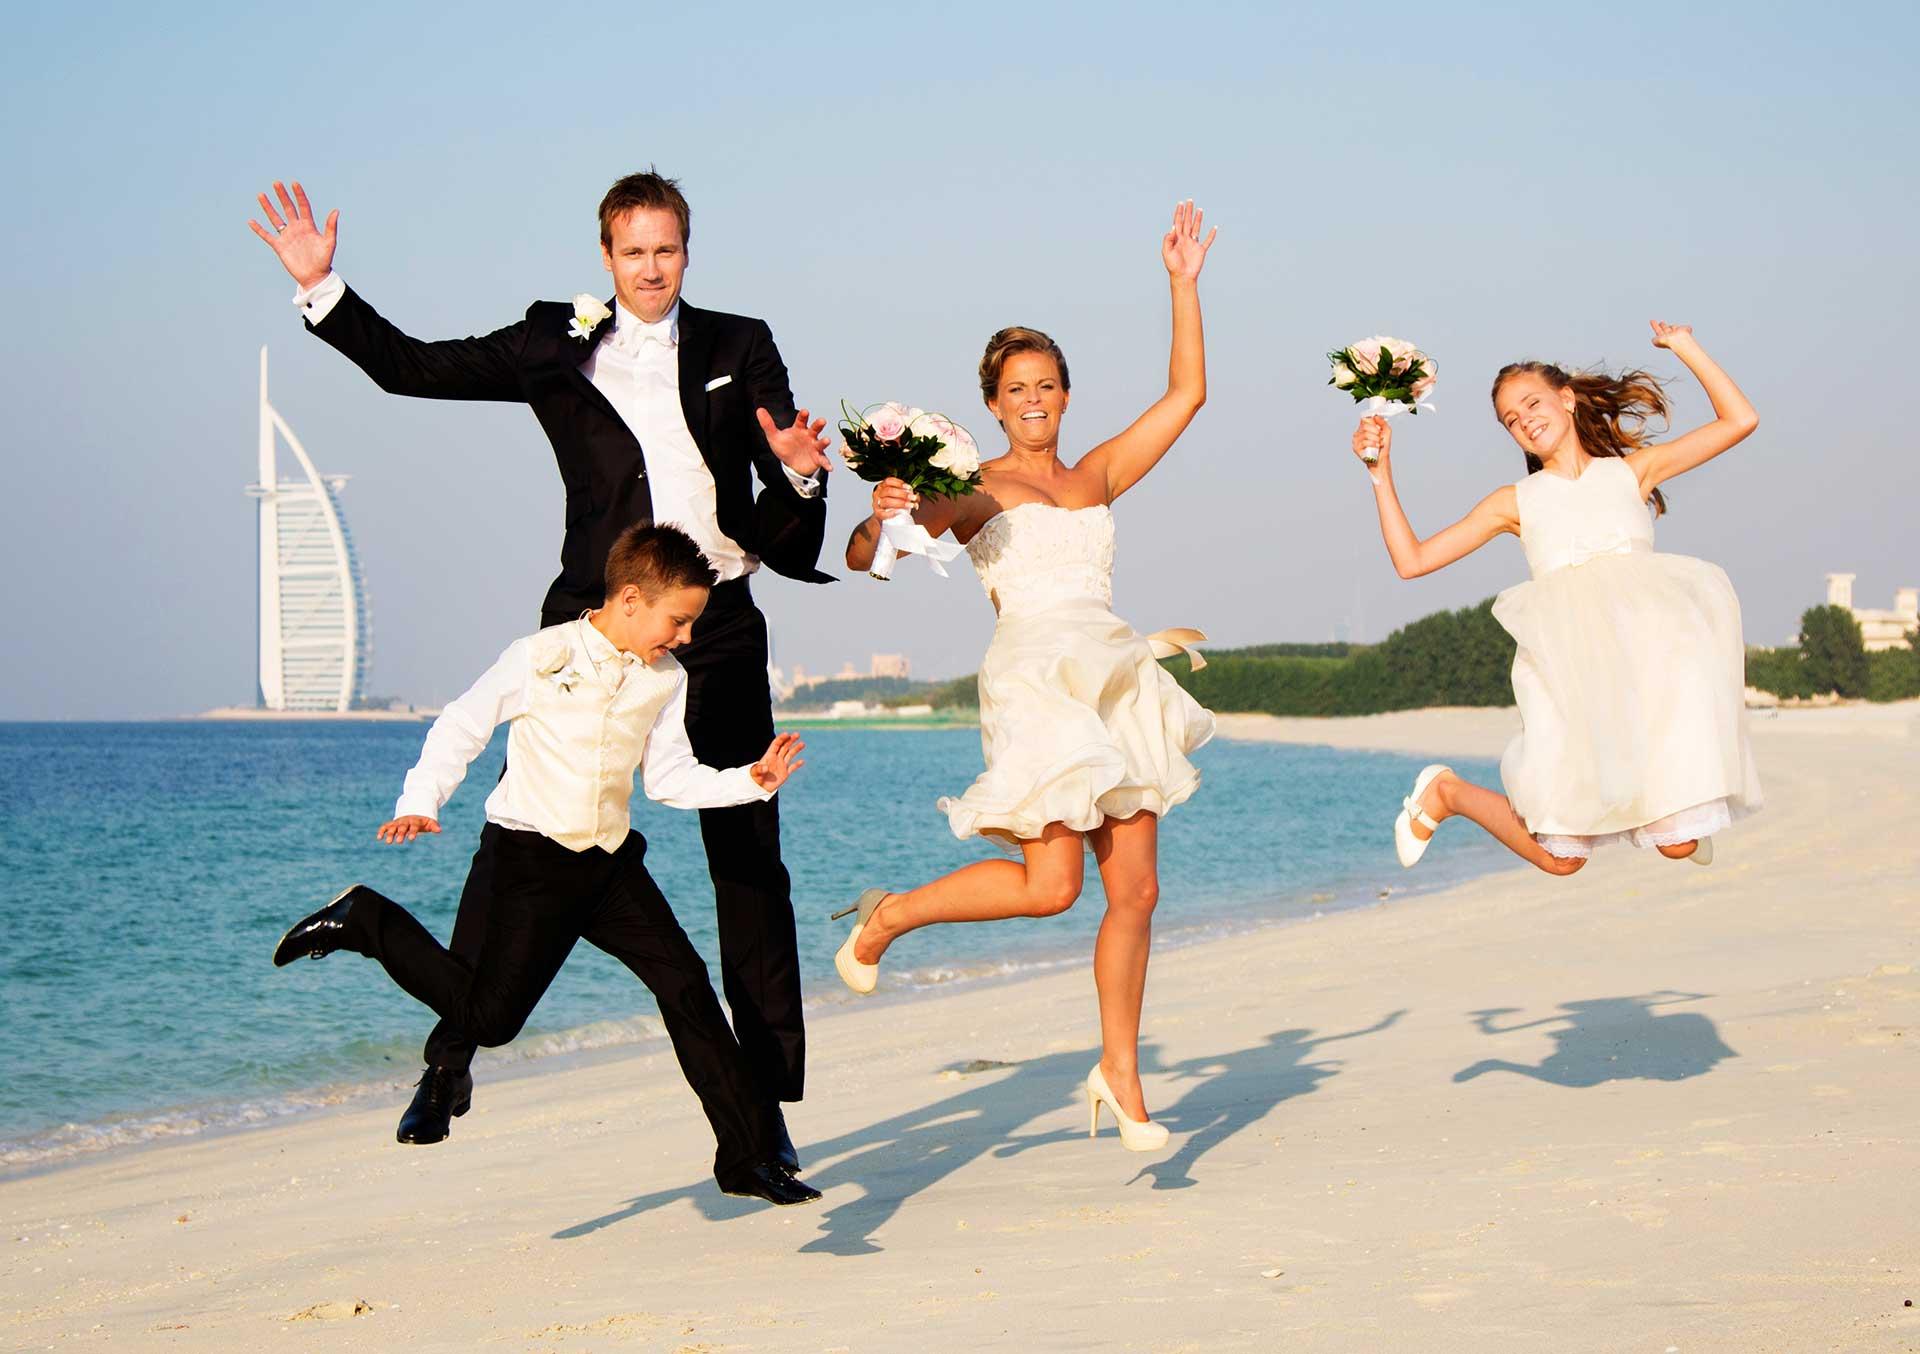 Bröllopsfotografering bröllopet Bröllopsfotografering Dubai Svenskt par gifta sig utomlands bröllopsfotograf helen shippey